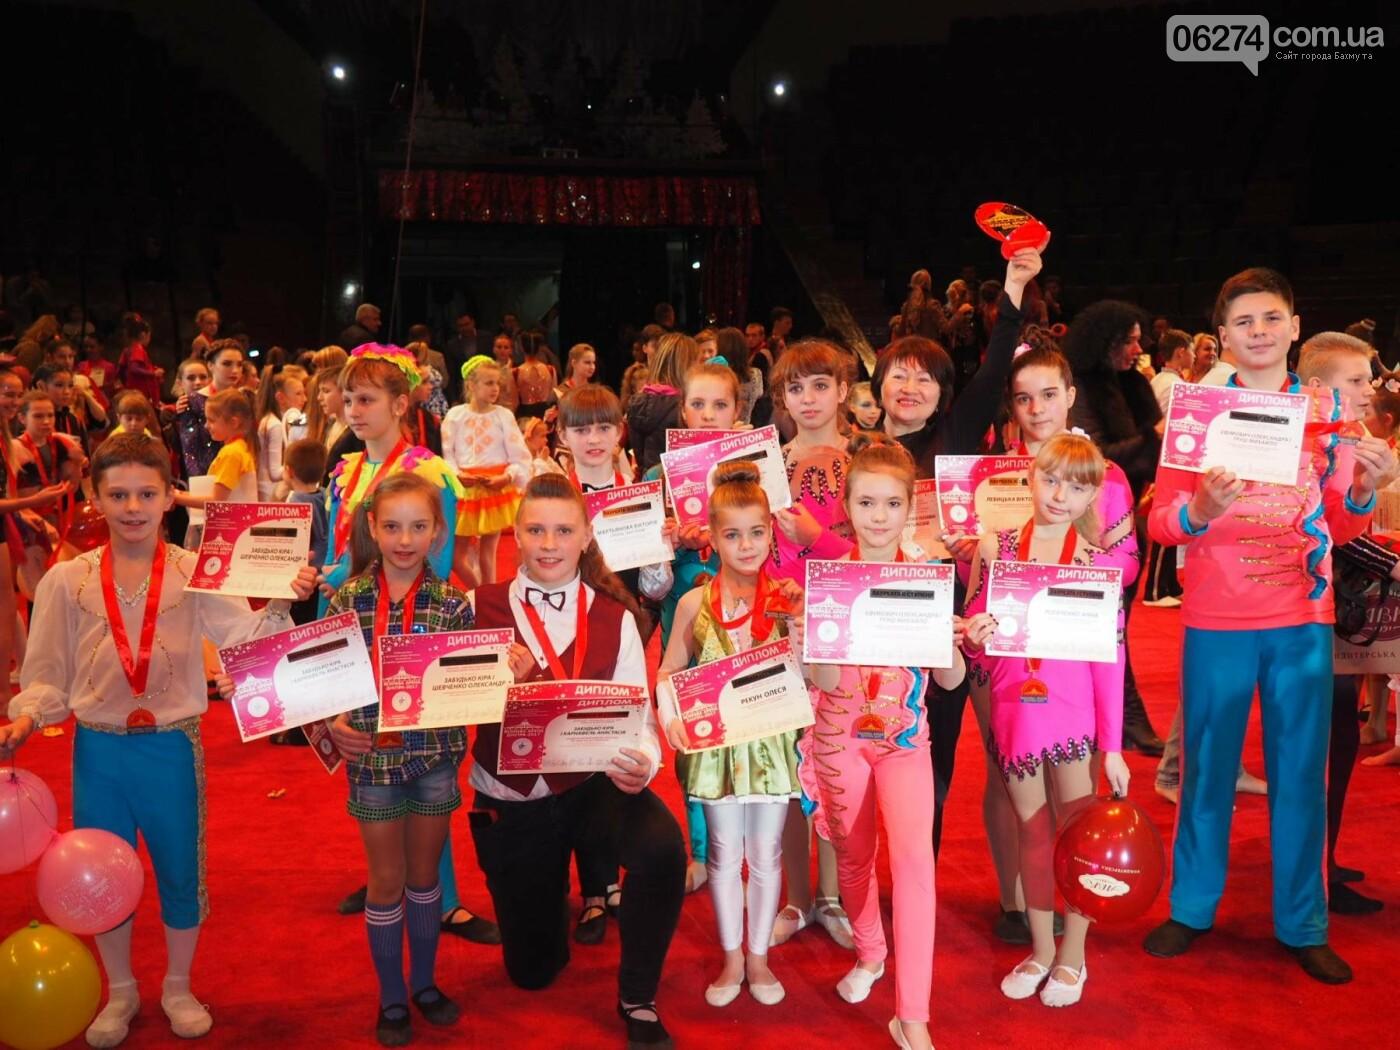 Творческие коллективы Бахмута стали одними из лучших на международных фестивалях, фото-4